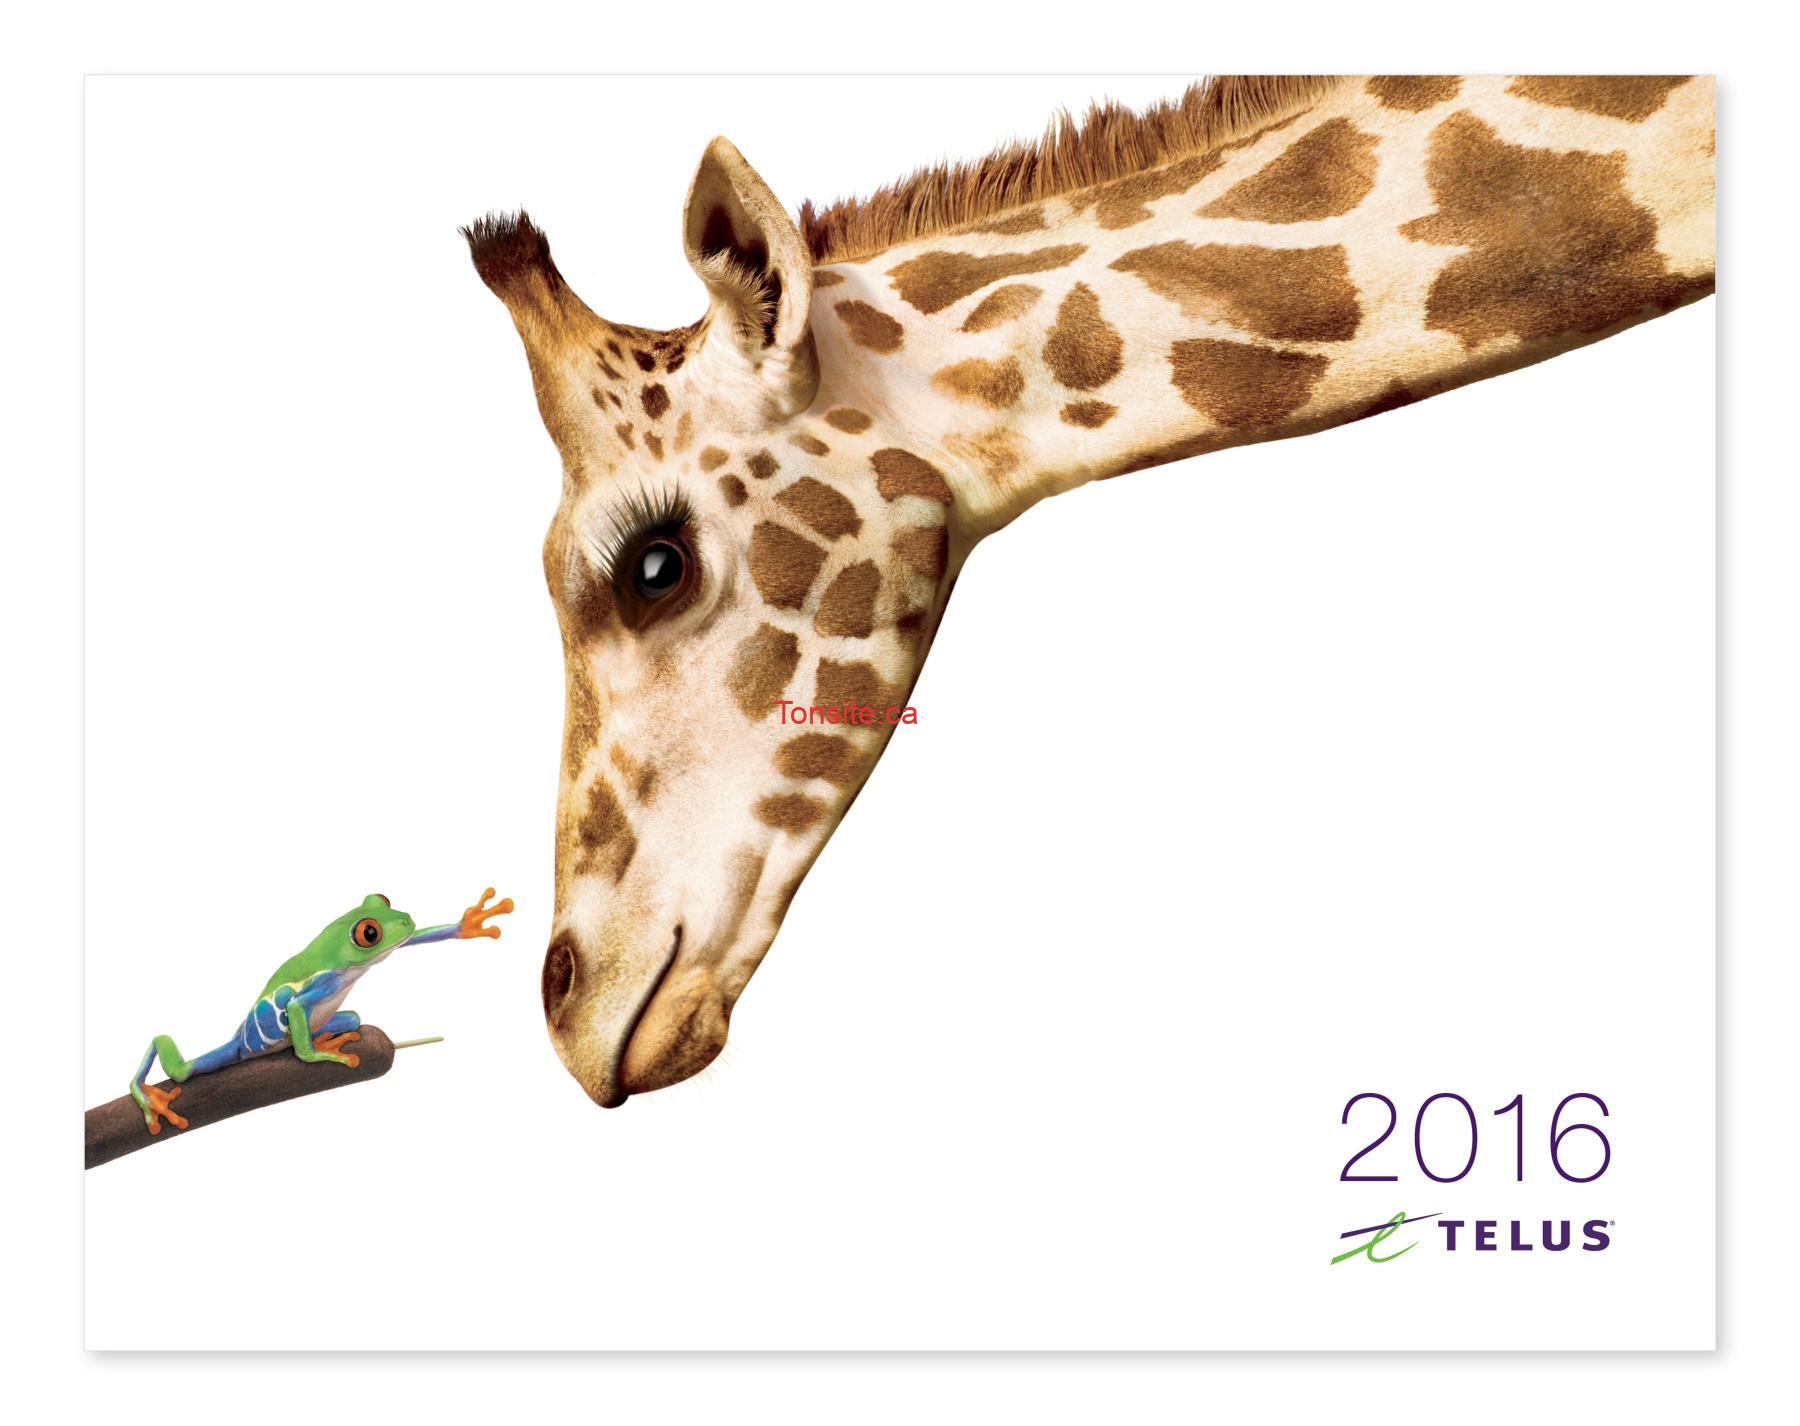 Telus: Obtenez un calendrier Telus 2016 GRATUITEMENT!